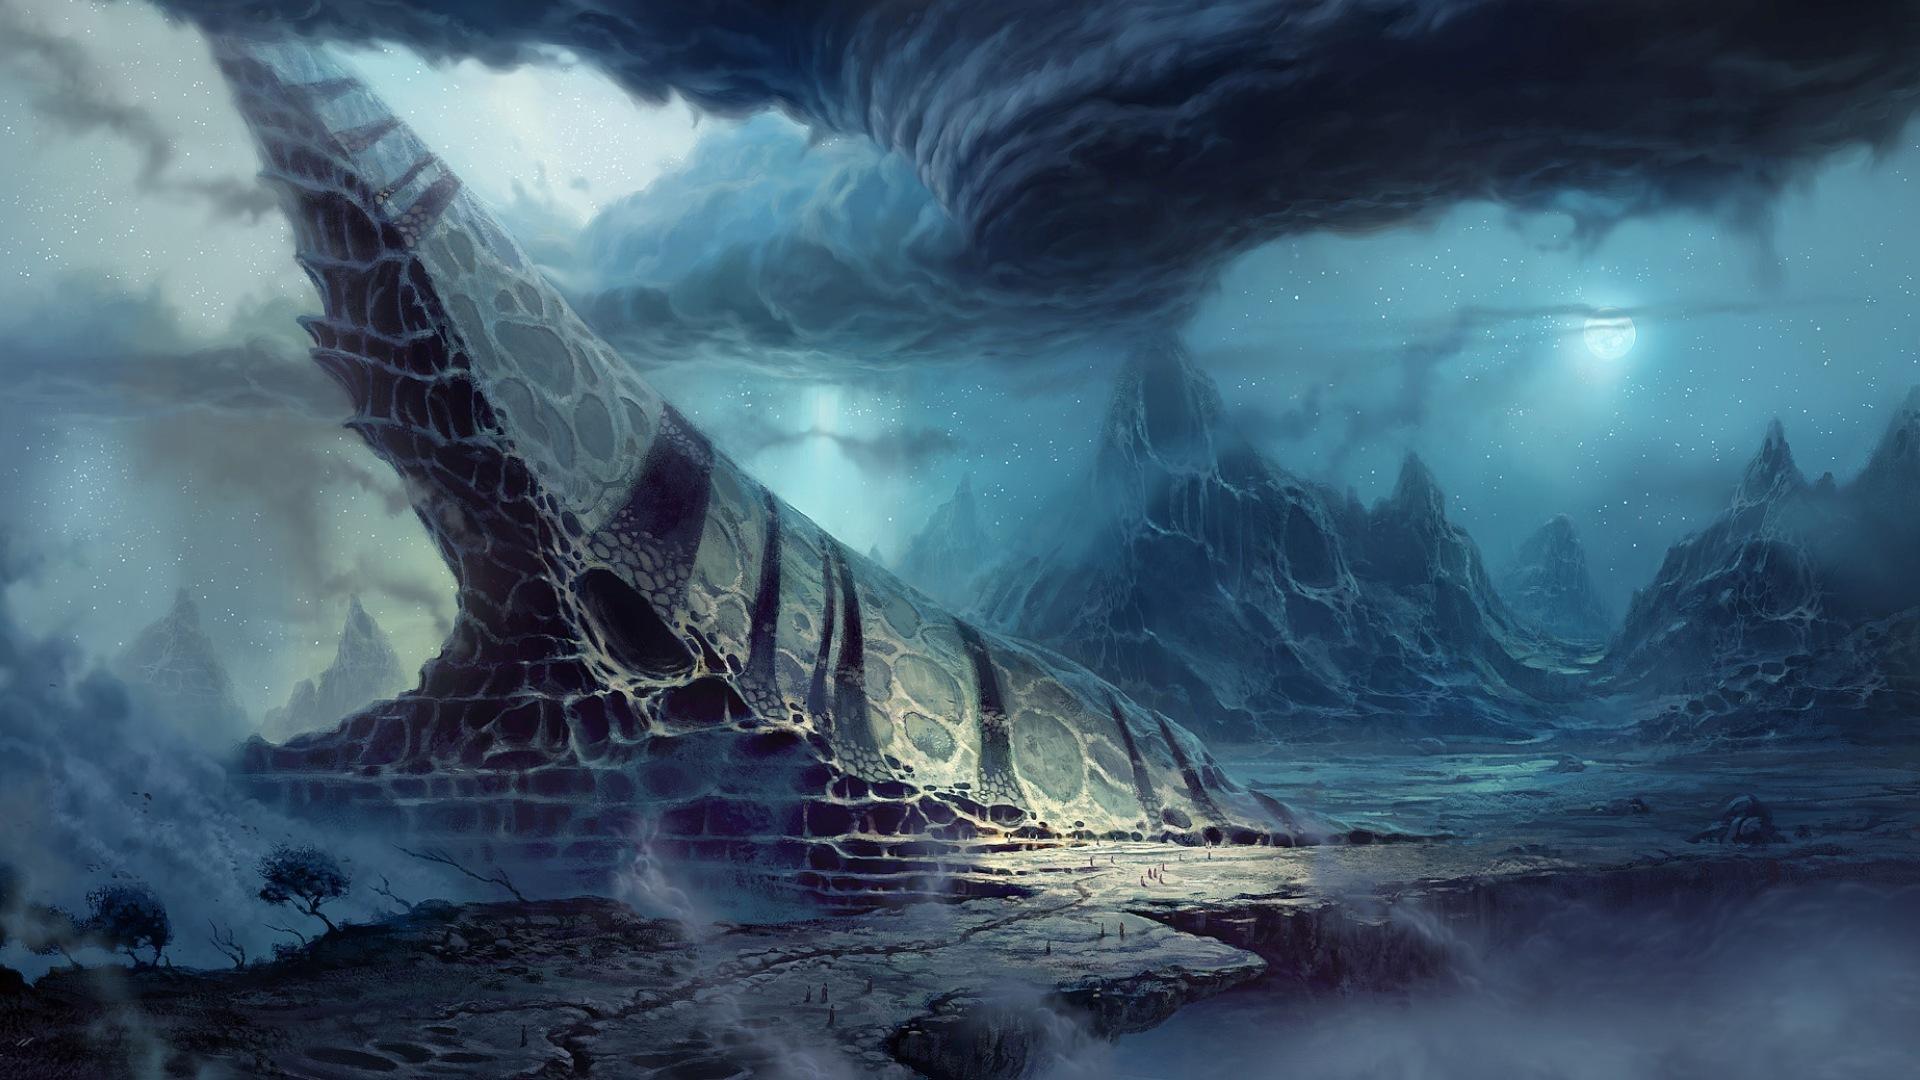 alien landscapes wallpaper - HD1600×900